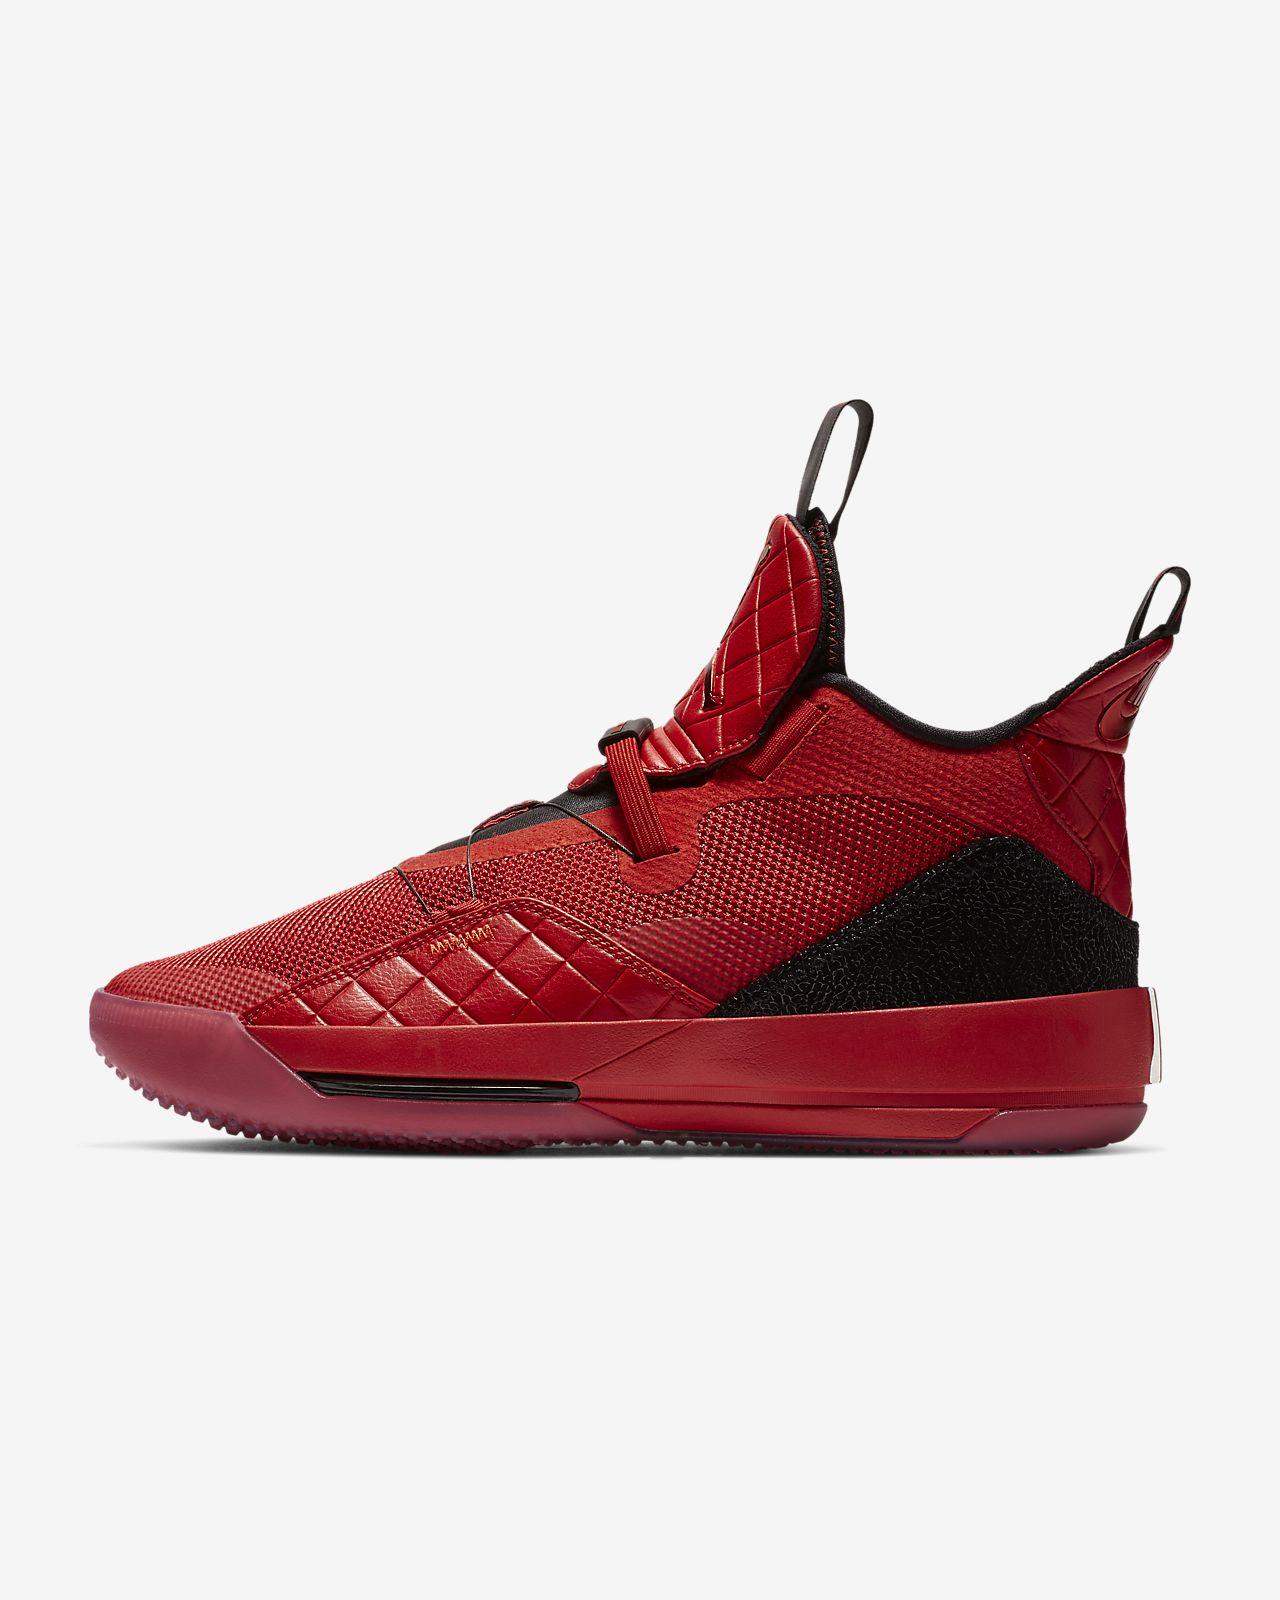 8e0880c2265 Calzado de básquetbol para hombre Air Jordan XXXIII. Nike.com MX